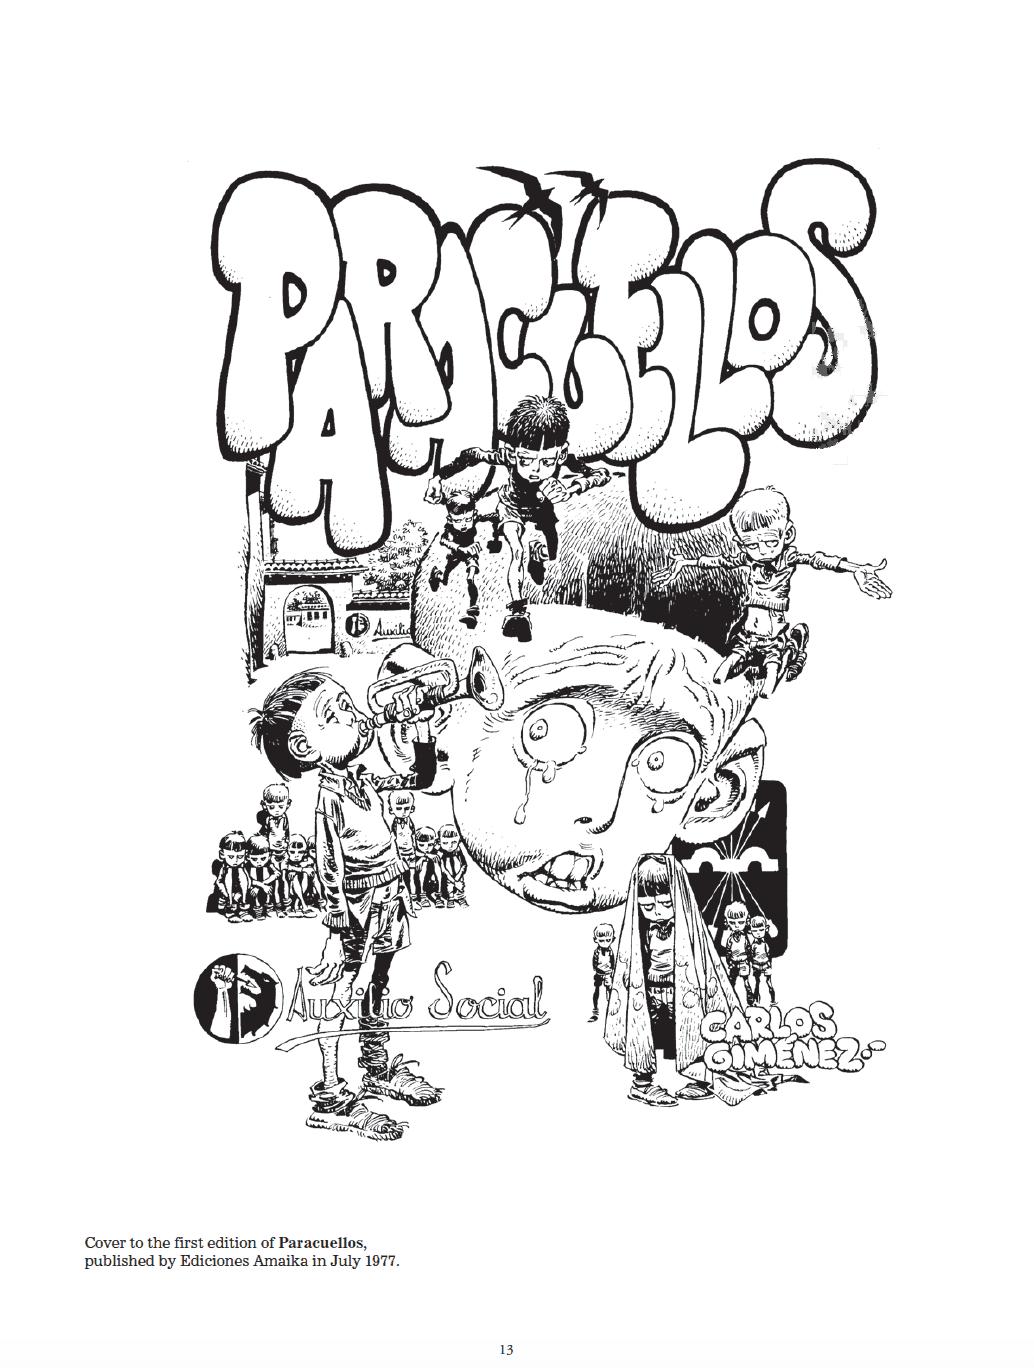 Couverture pour la 1ère édition de Paracuellos en 1977.